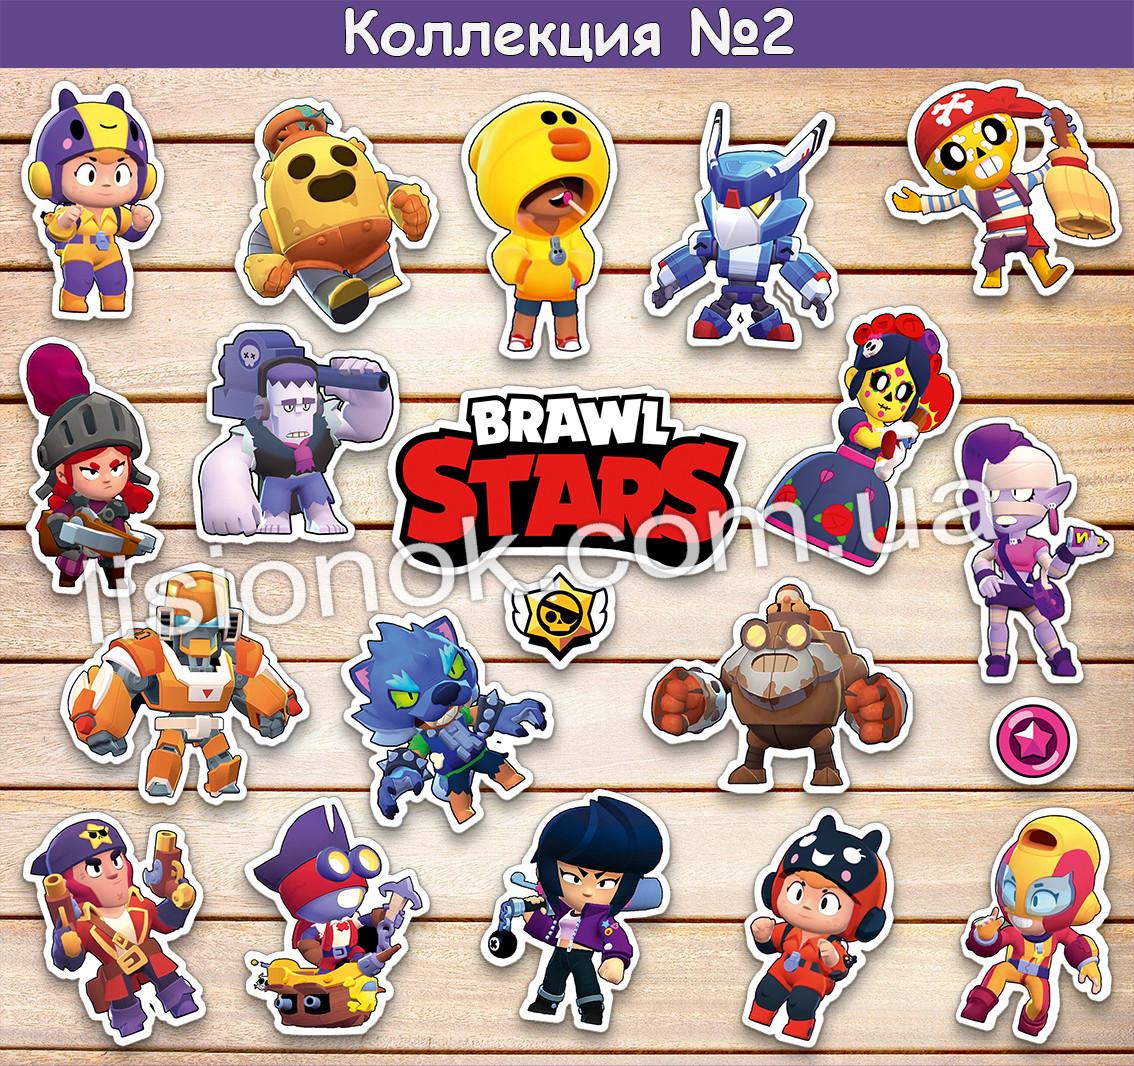 Набор наклеек старс (Коллекция №2) с героями любимой игры, стикеры Stars